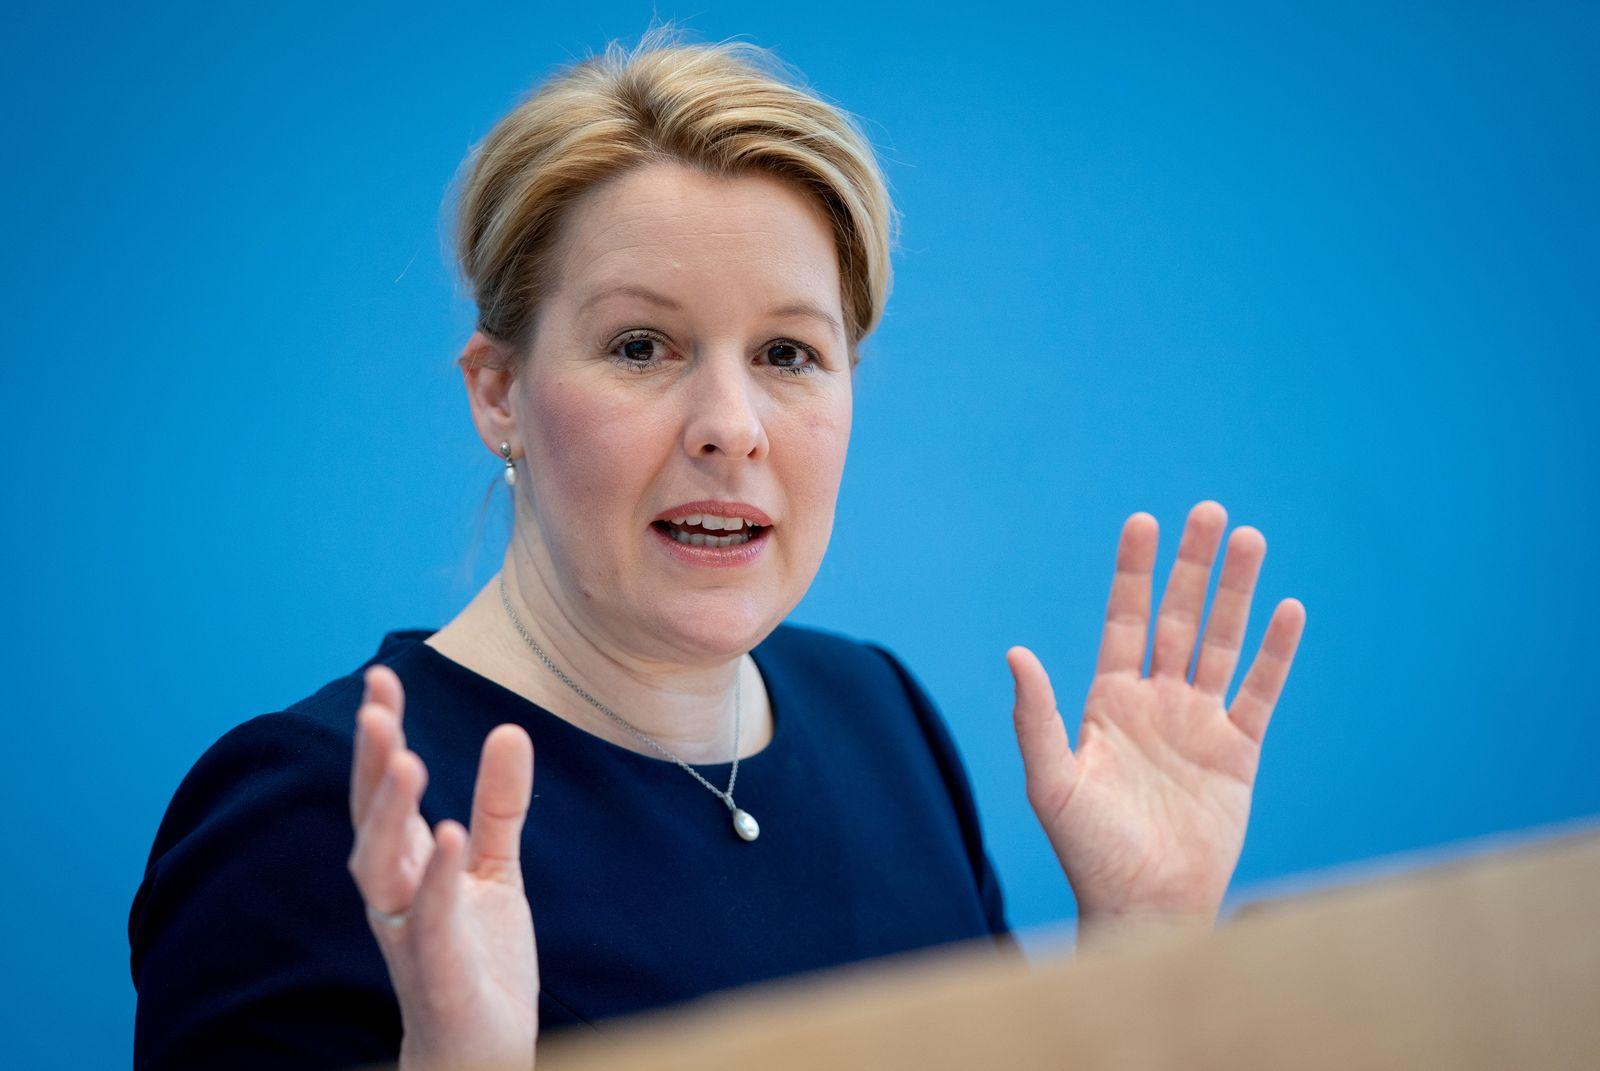 Neue Plagiatsvorwürfe gegen SPD-Spitzenkandidatin Giffey